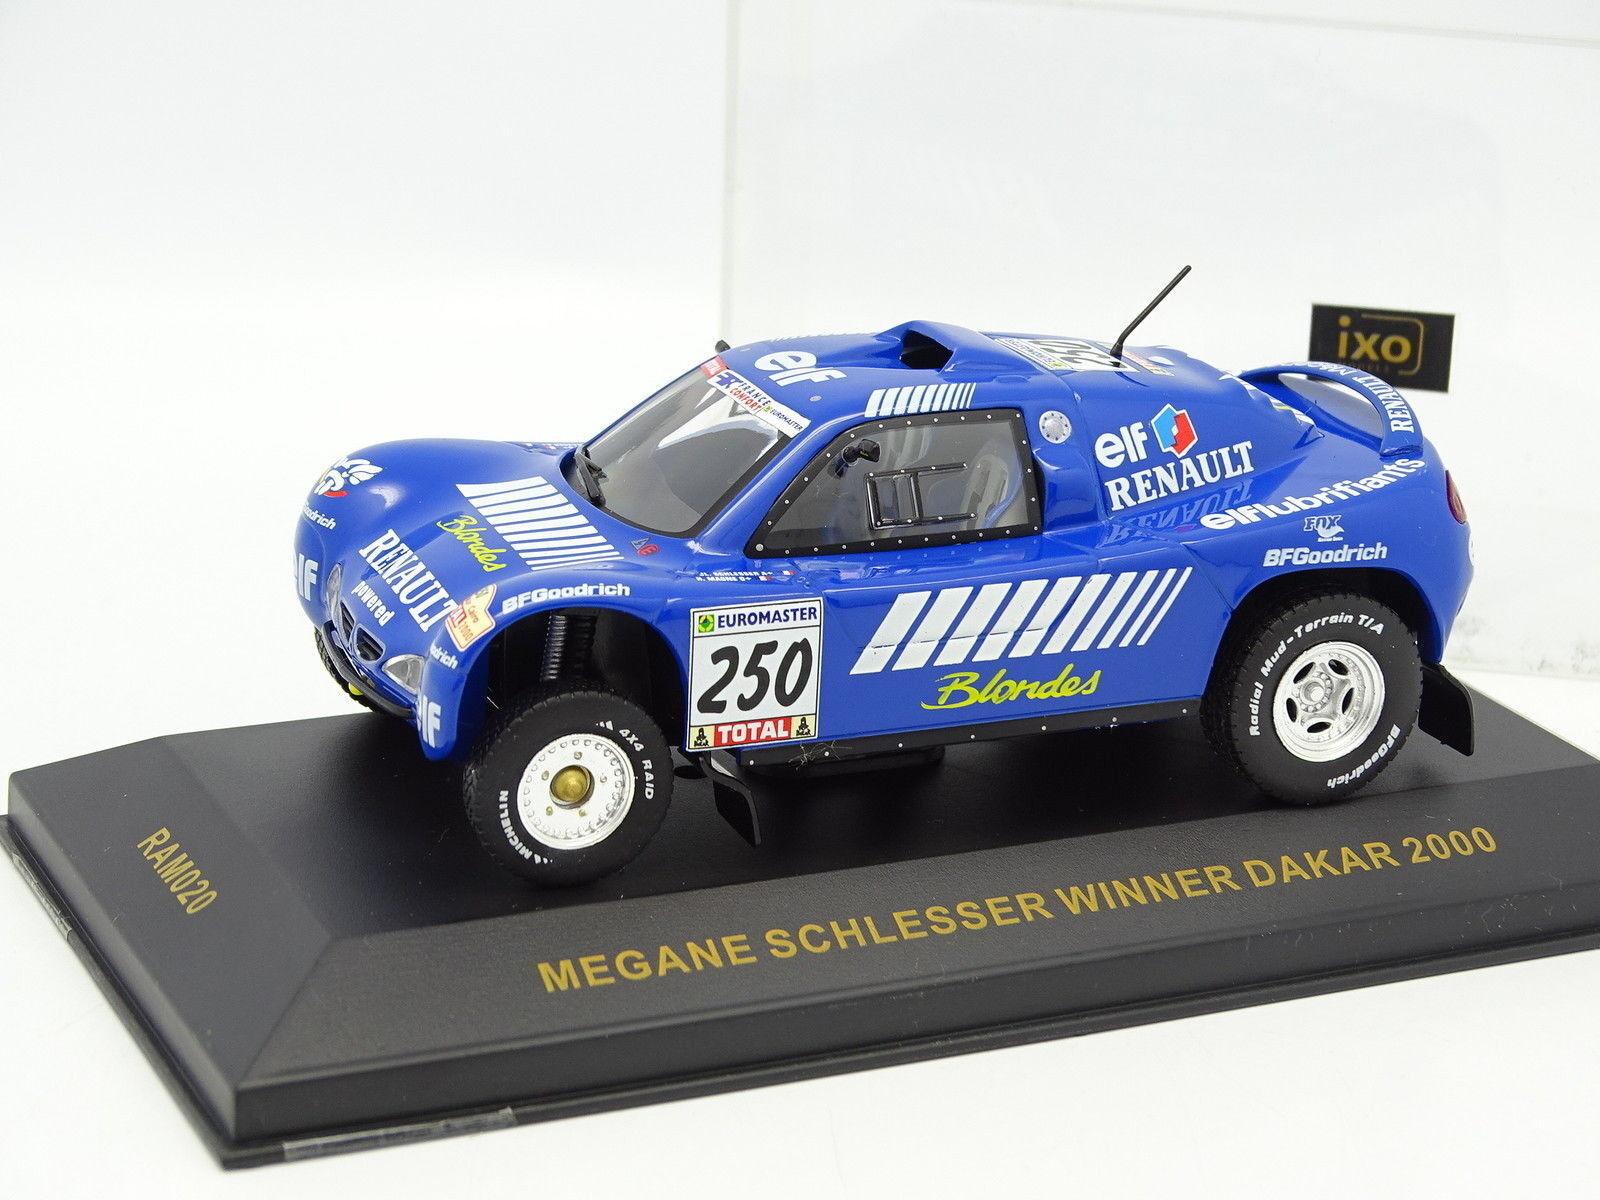 Ixo 1 43 - Renault Megane Schlesser Winner Dakar 2000 No.250